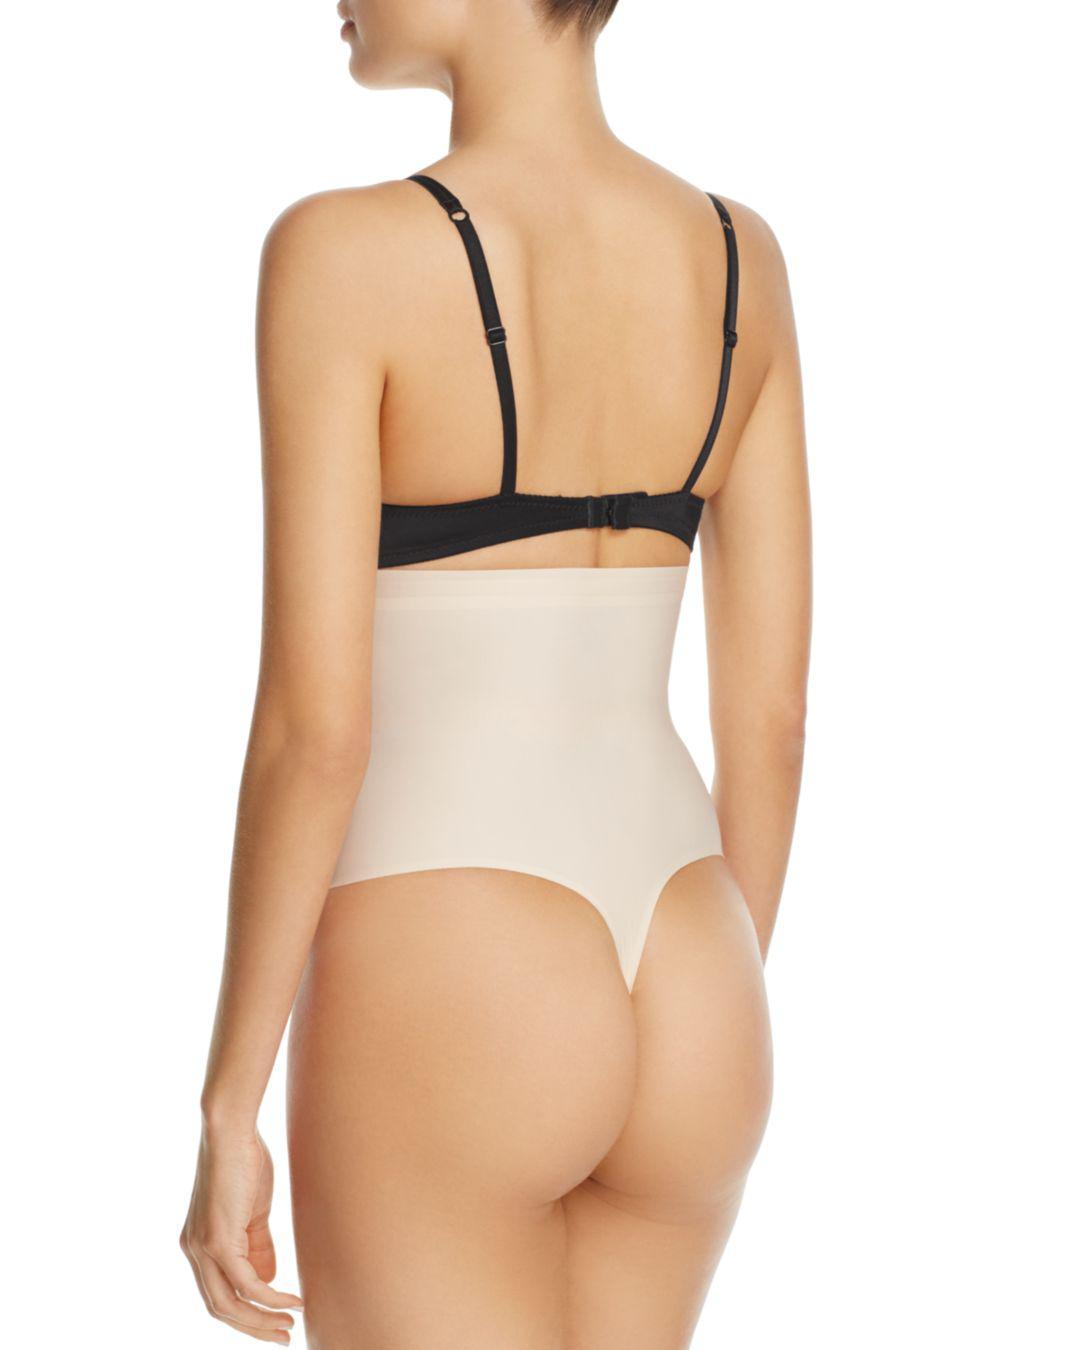 74a8cba6492d6 Lyst - Yummie Hidden Curves High-waist Thong